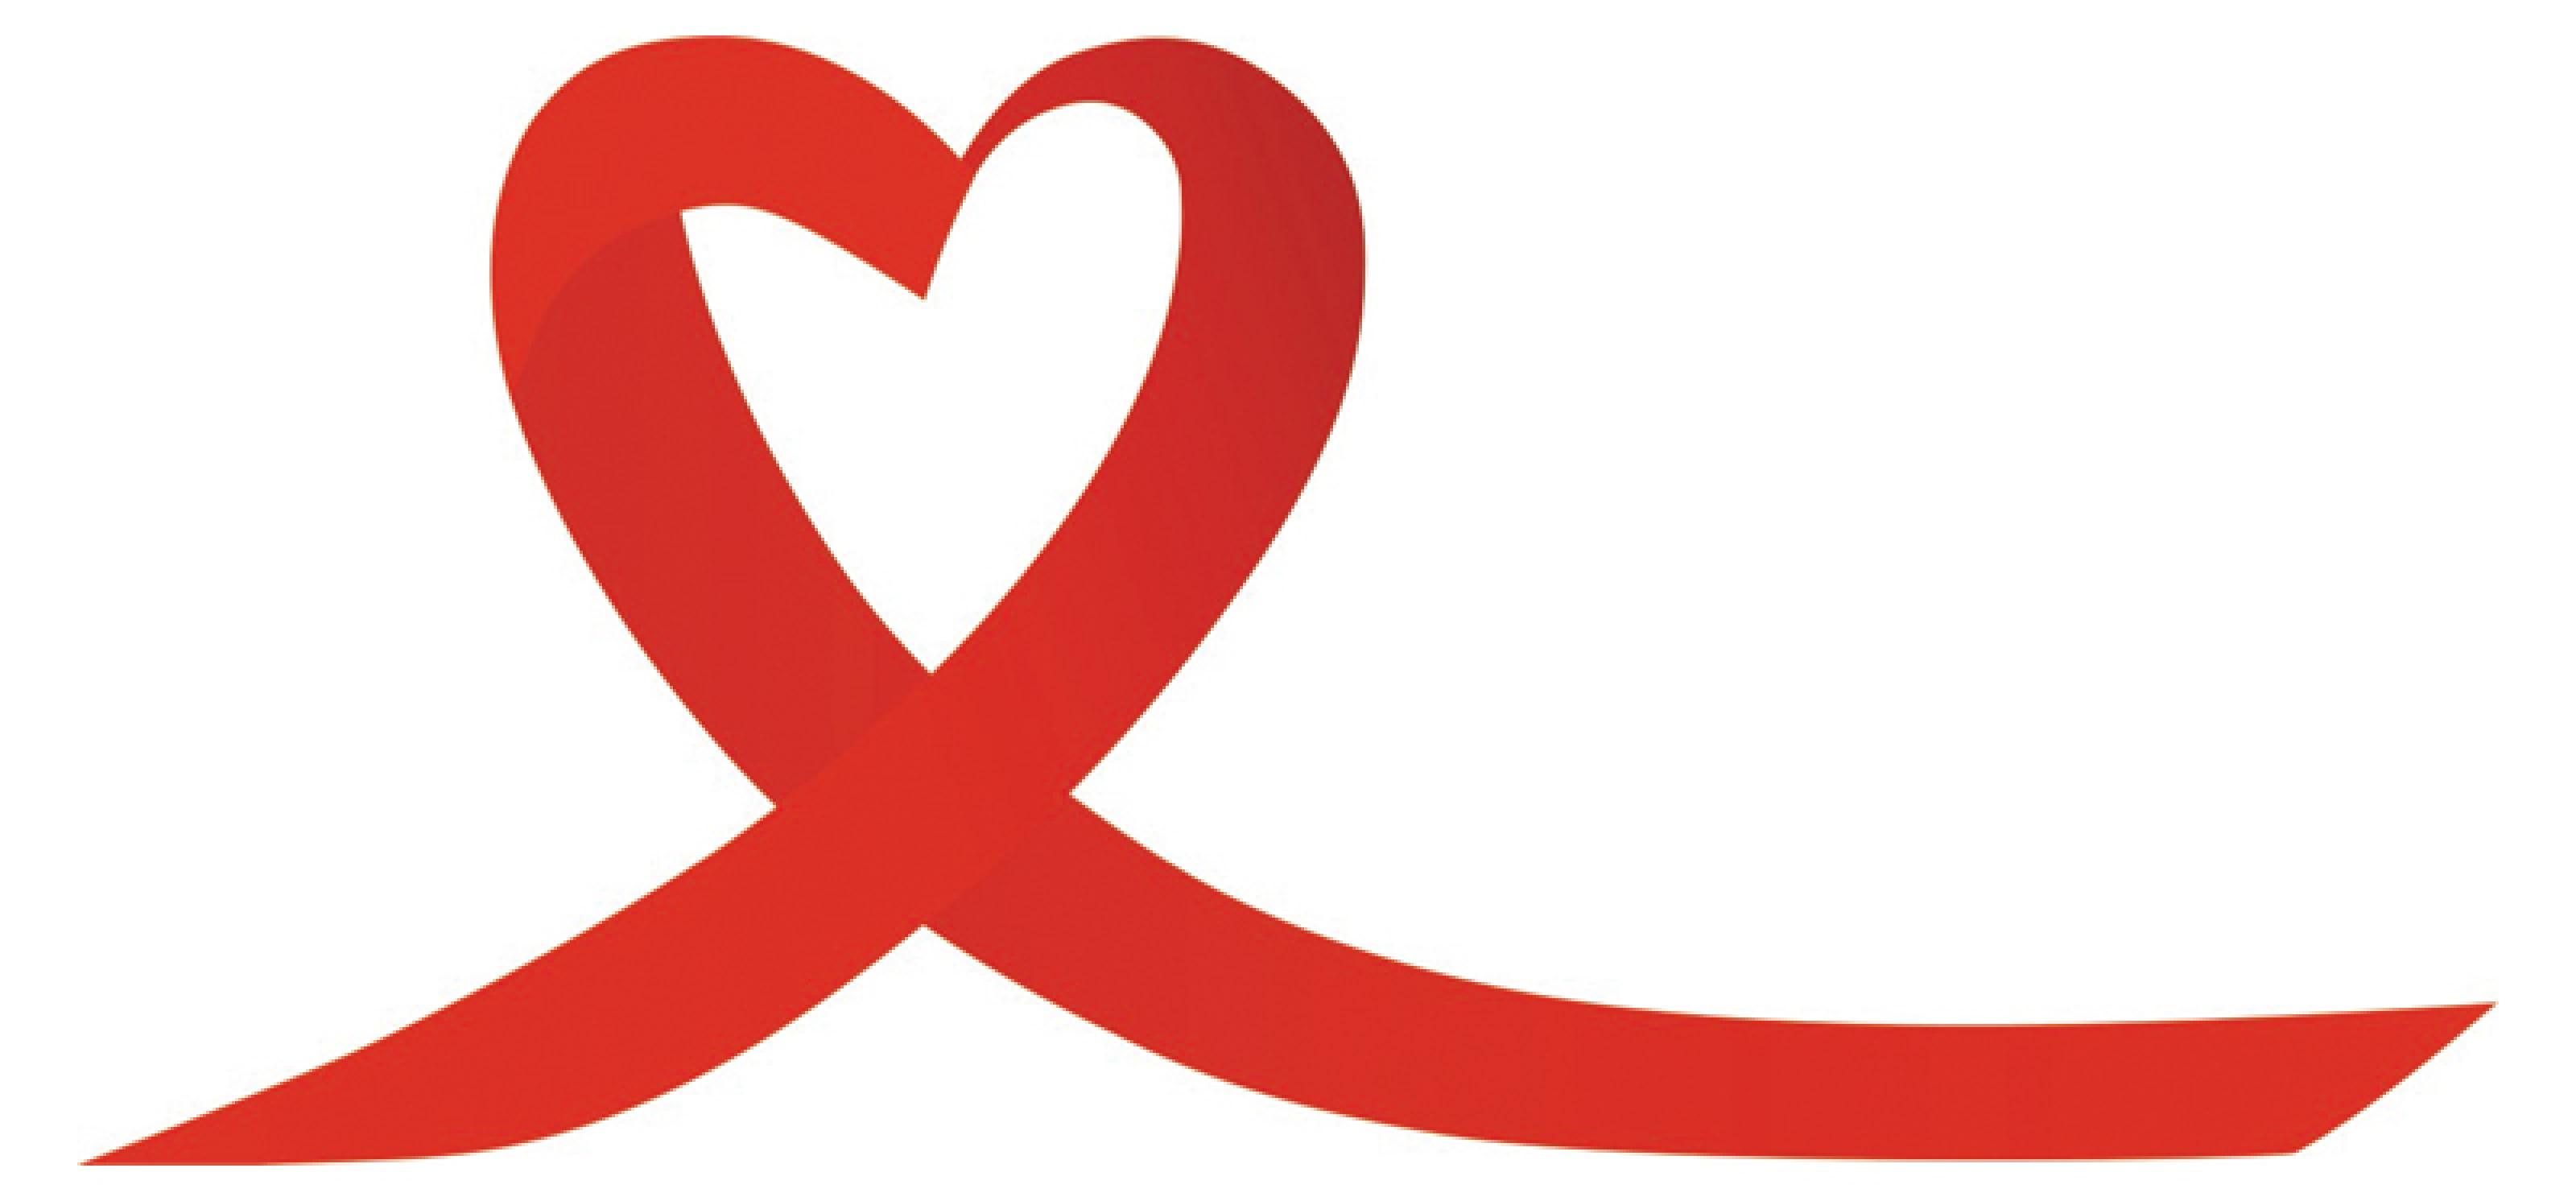 ihre spende kommt an deutsche aids hilfe spendenaufruf spenden #6